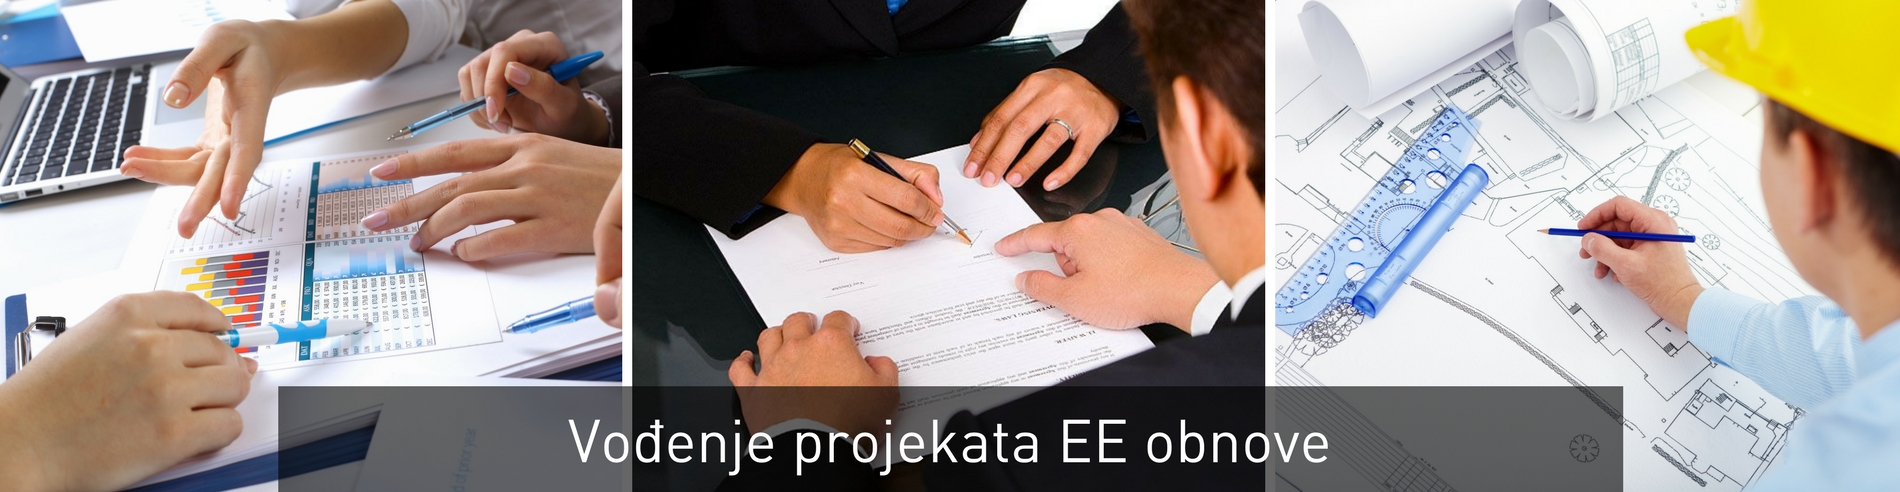 Vođenje projekata EE obnove - Speculum